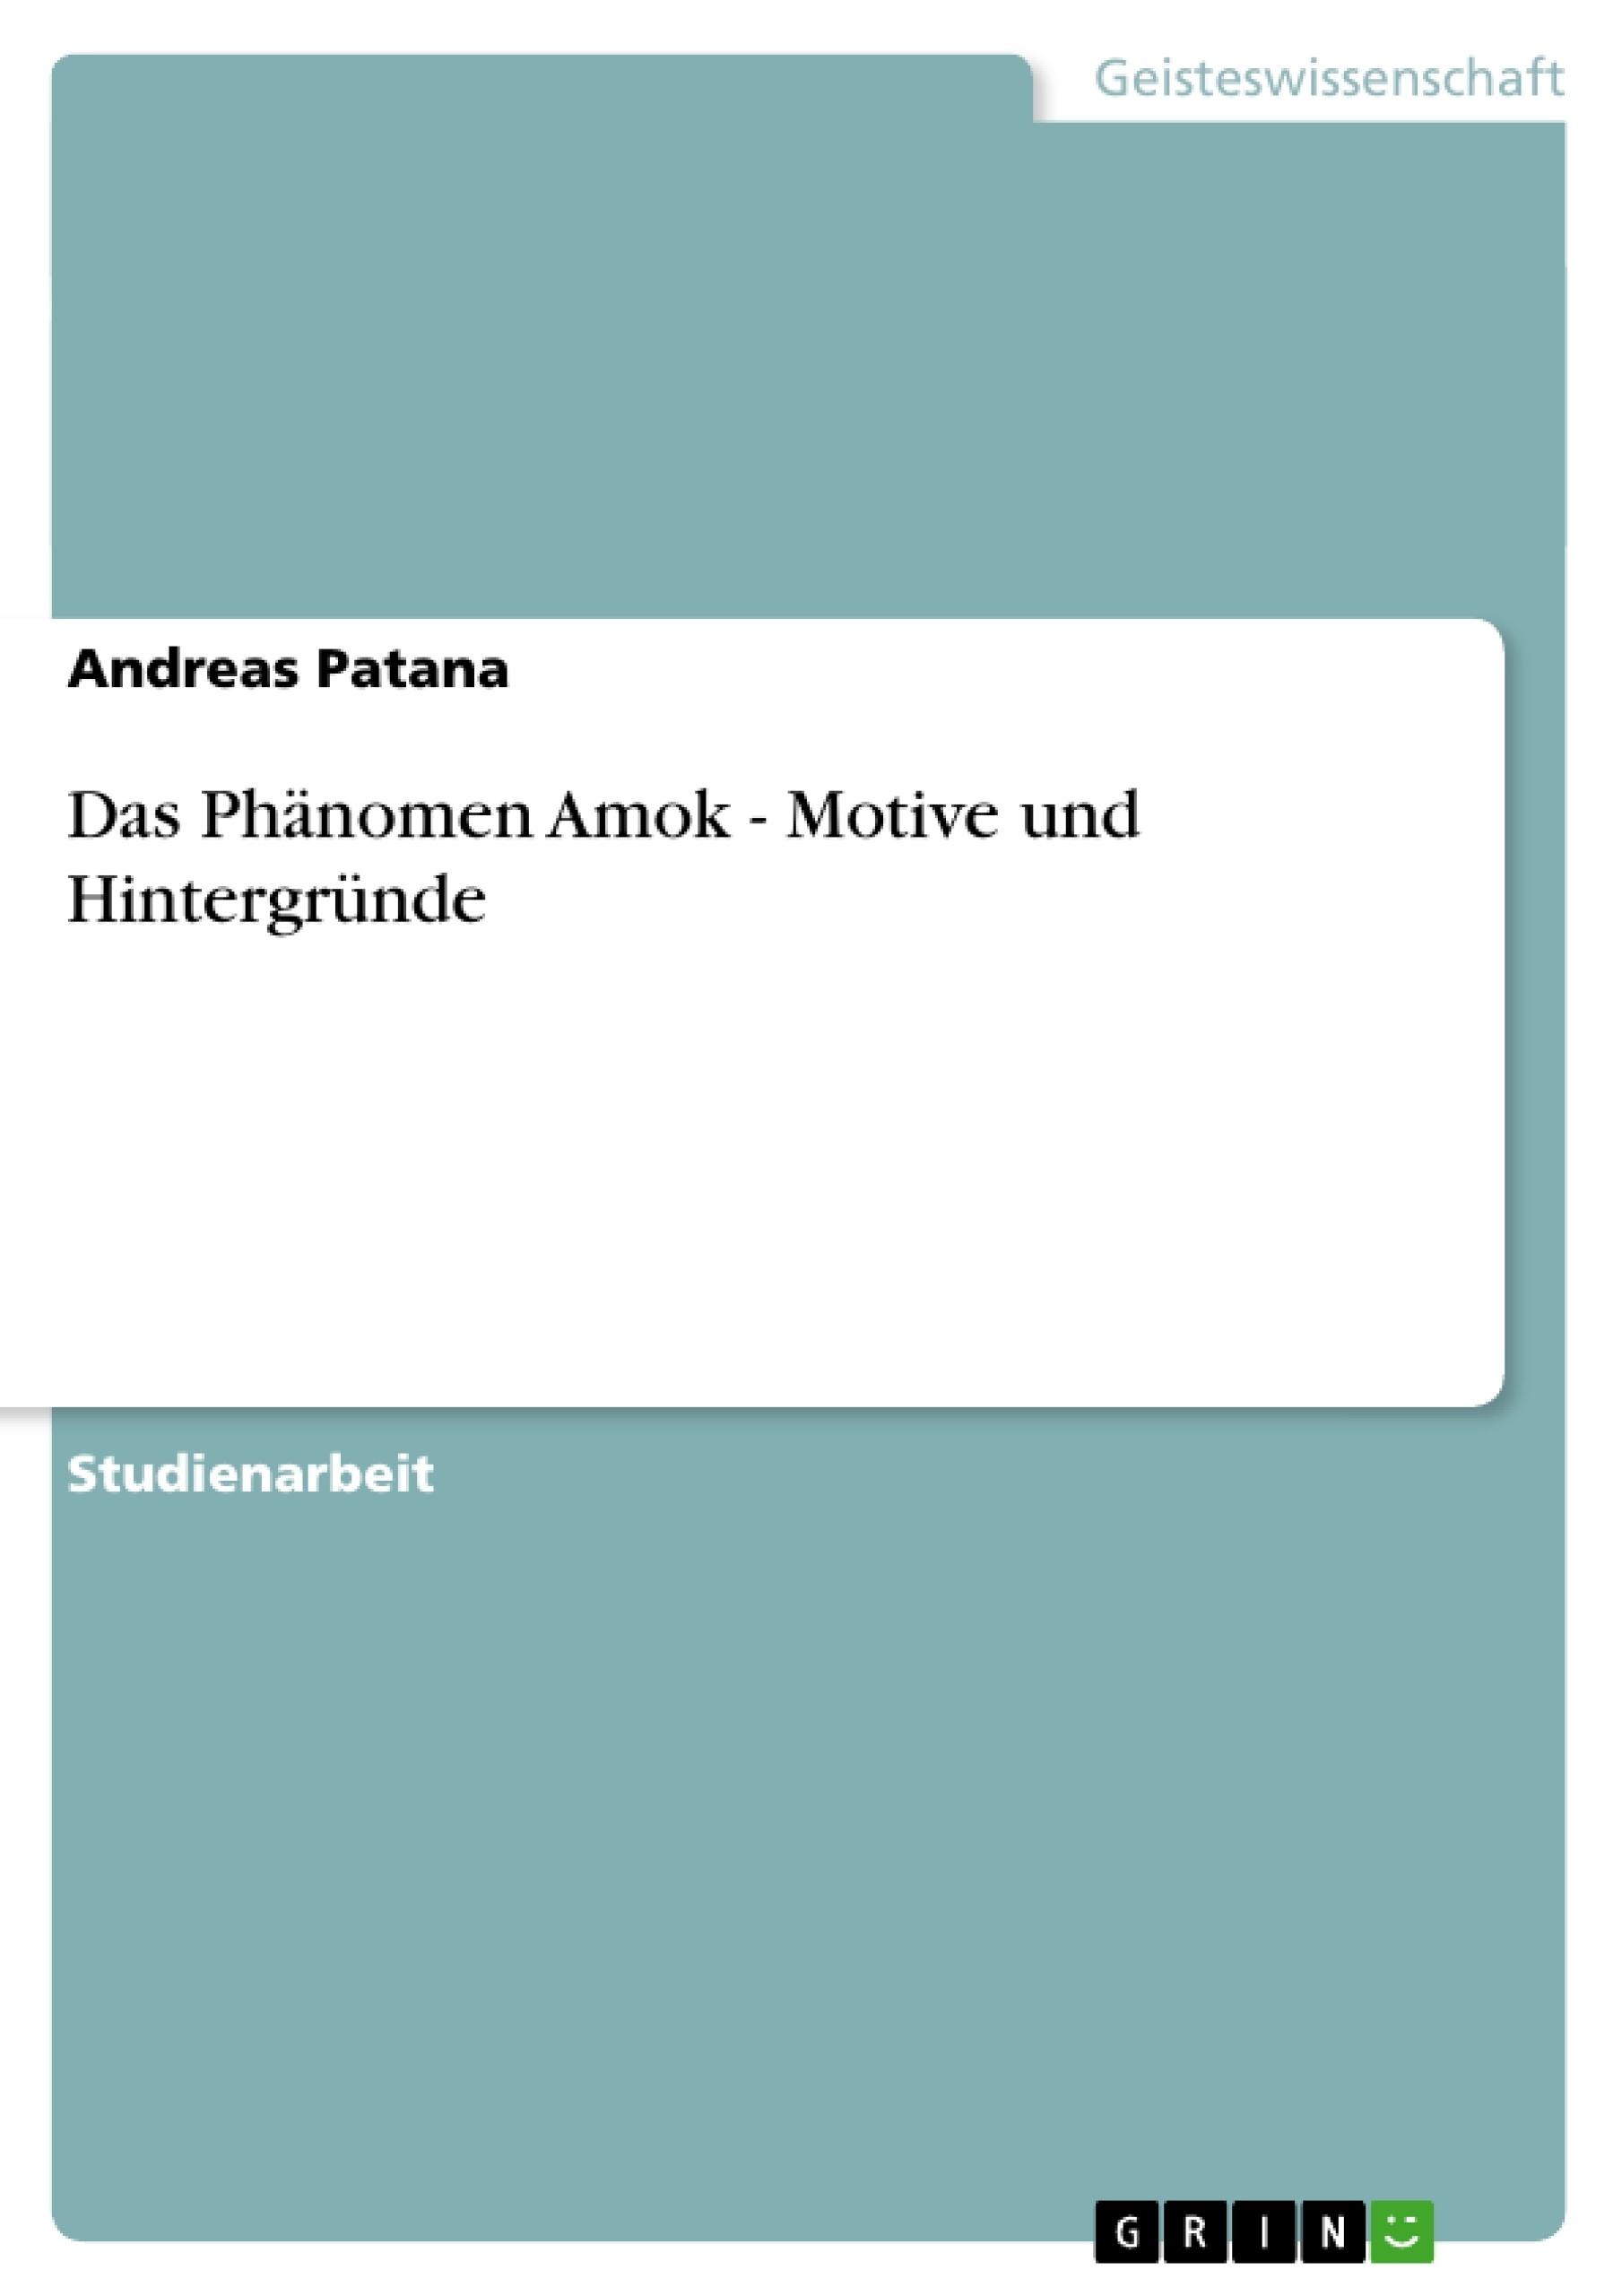 Titel: Das Phänomen Amok - Motive und Hintergründe